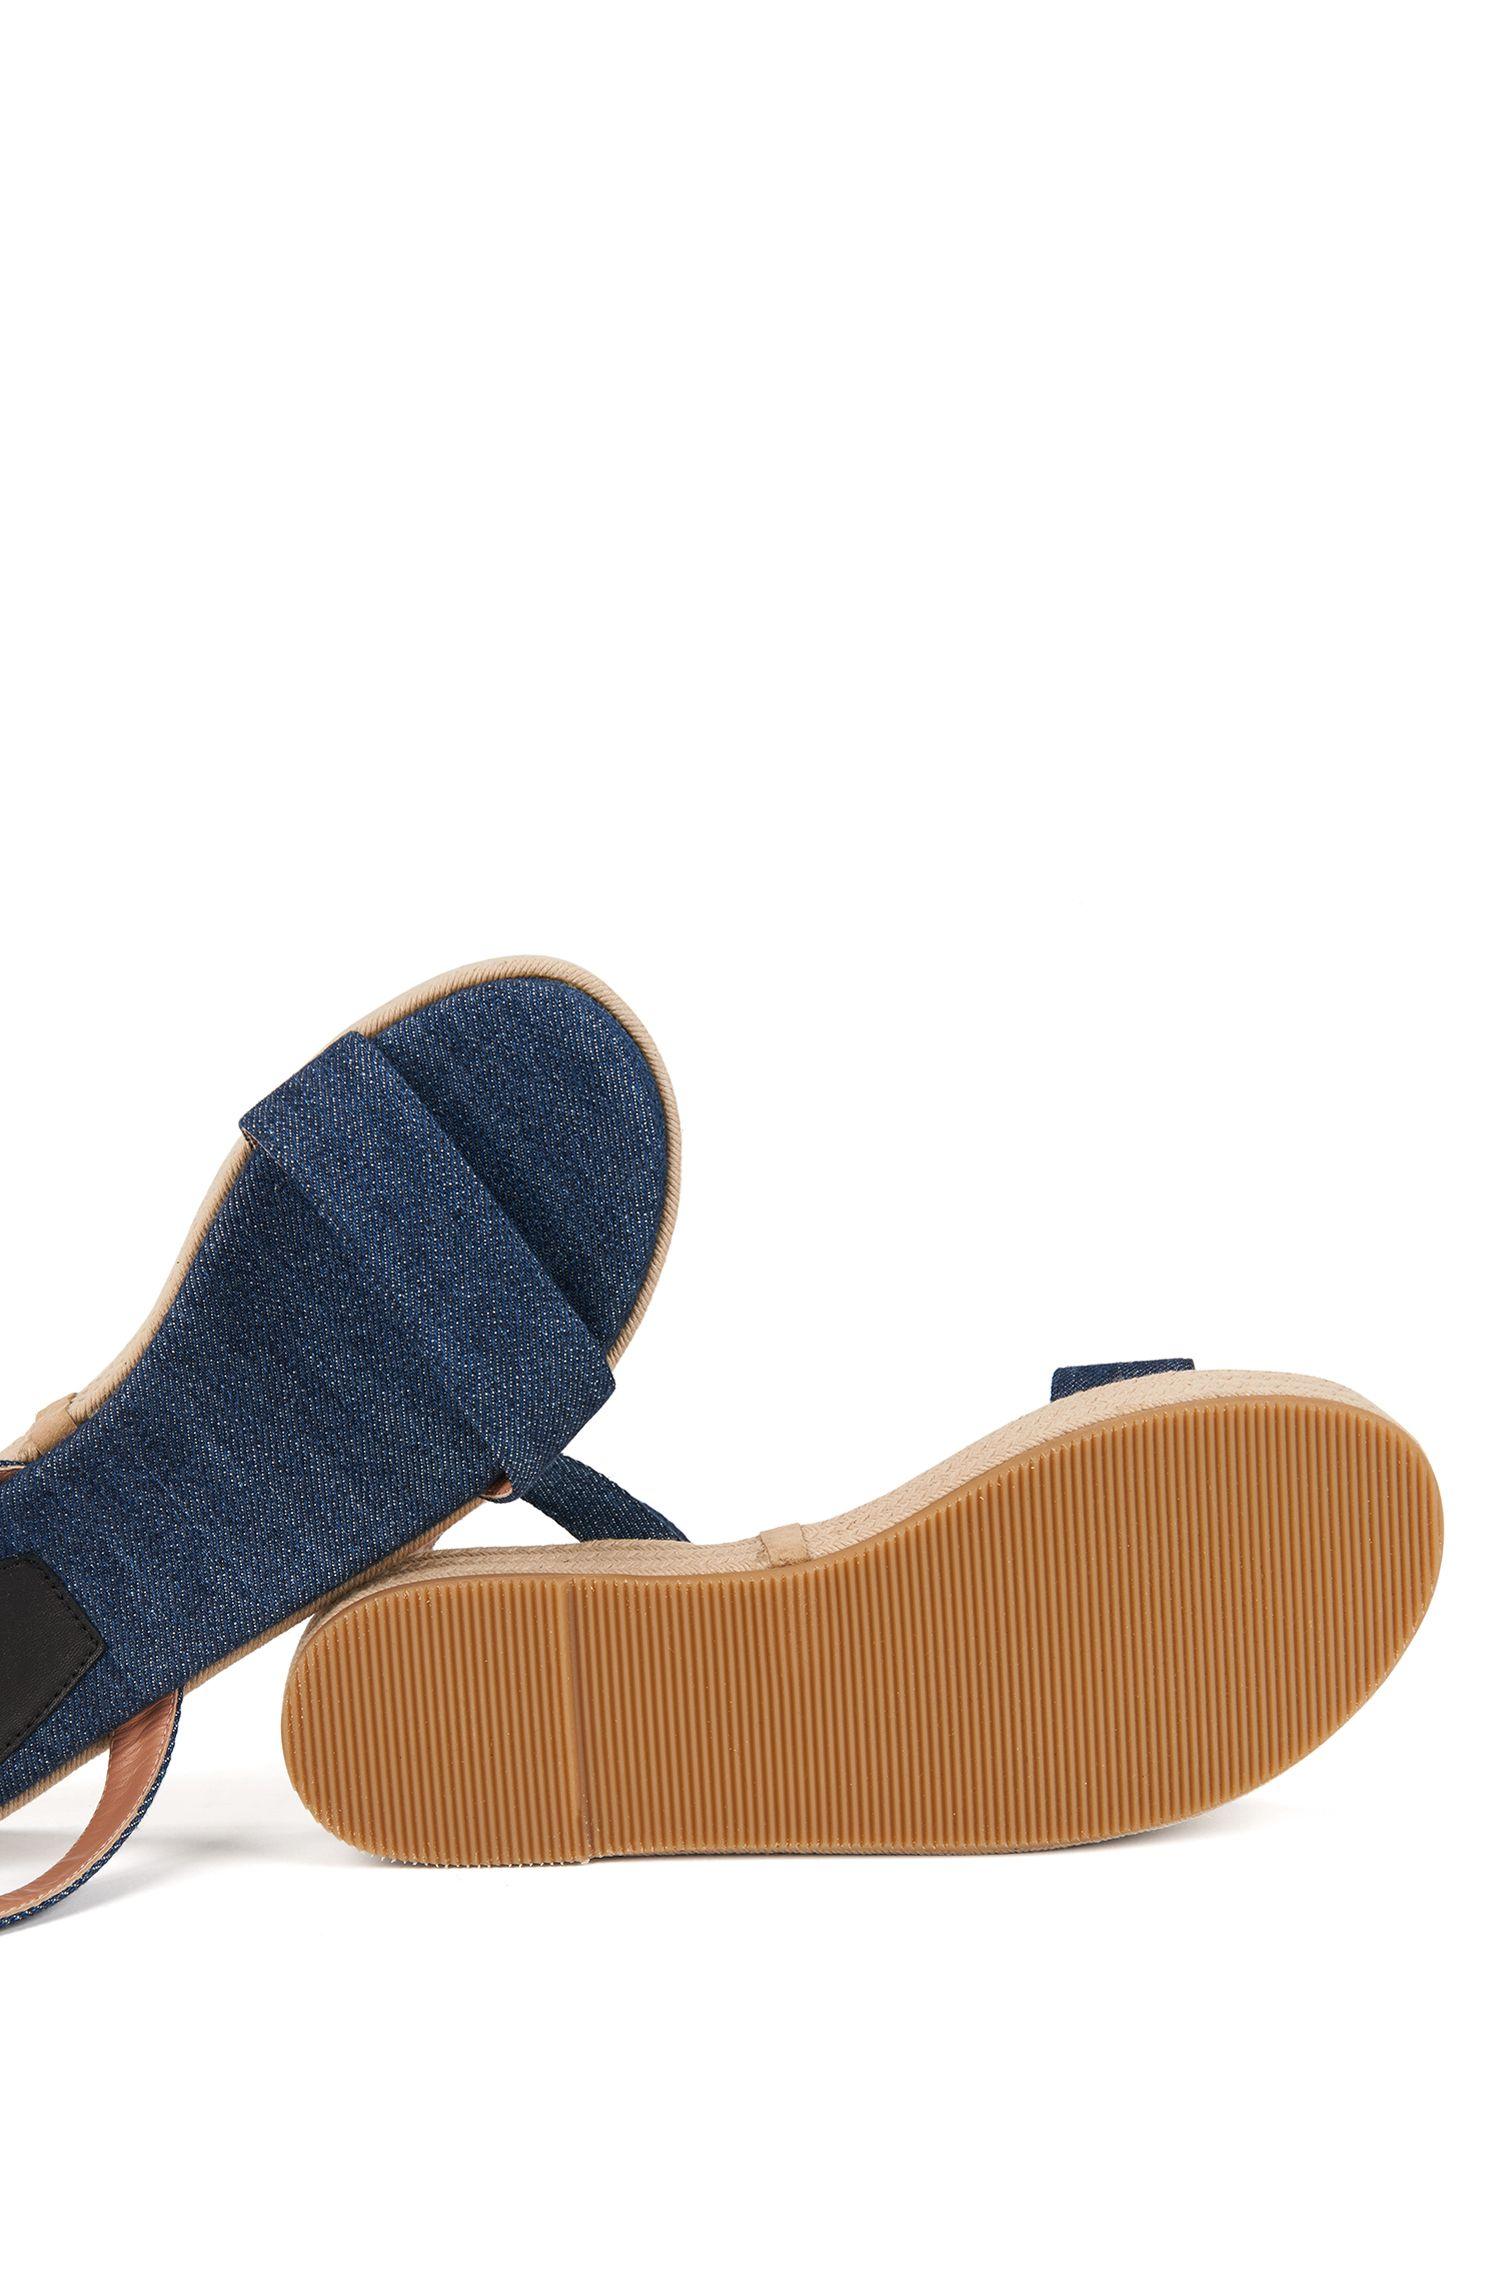 Plateau-Sandalen aus weichem Denim